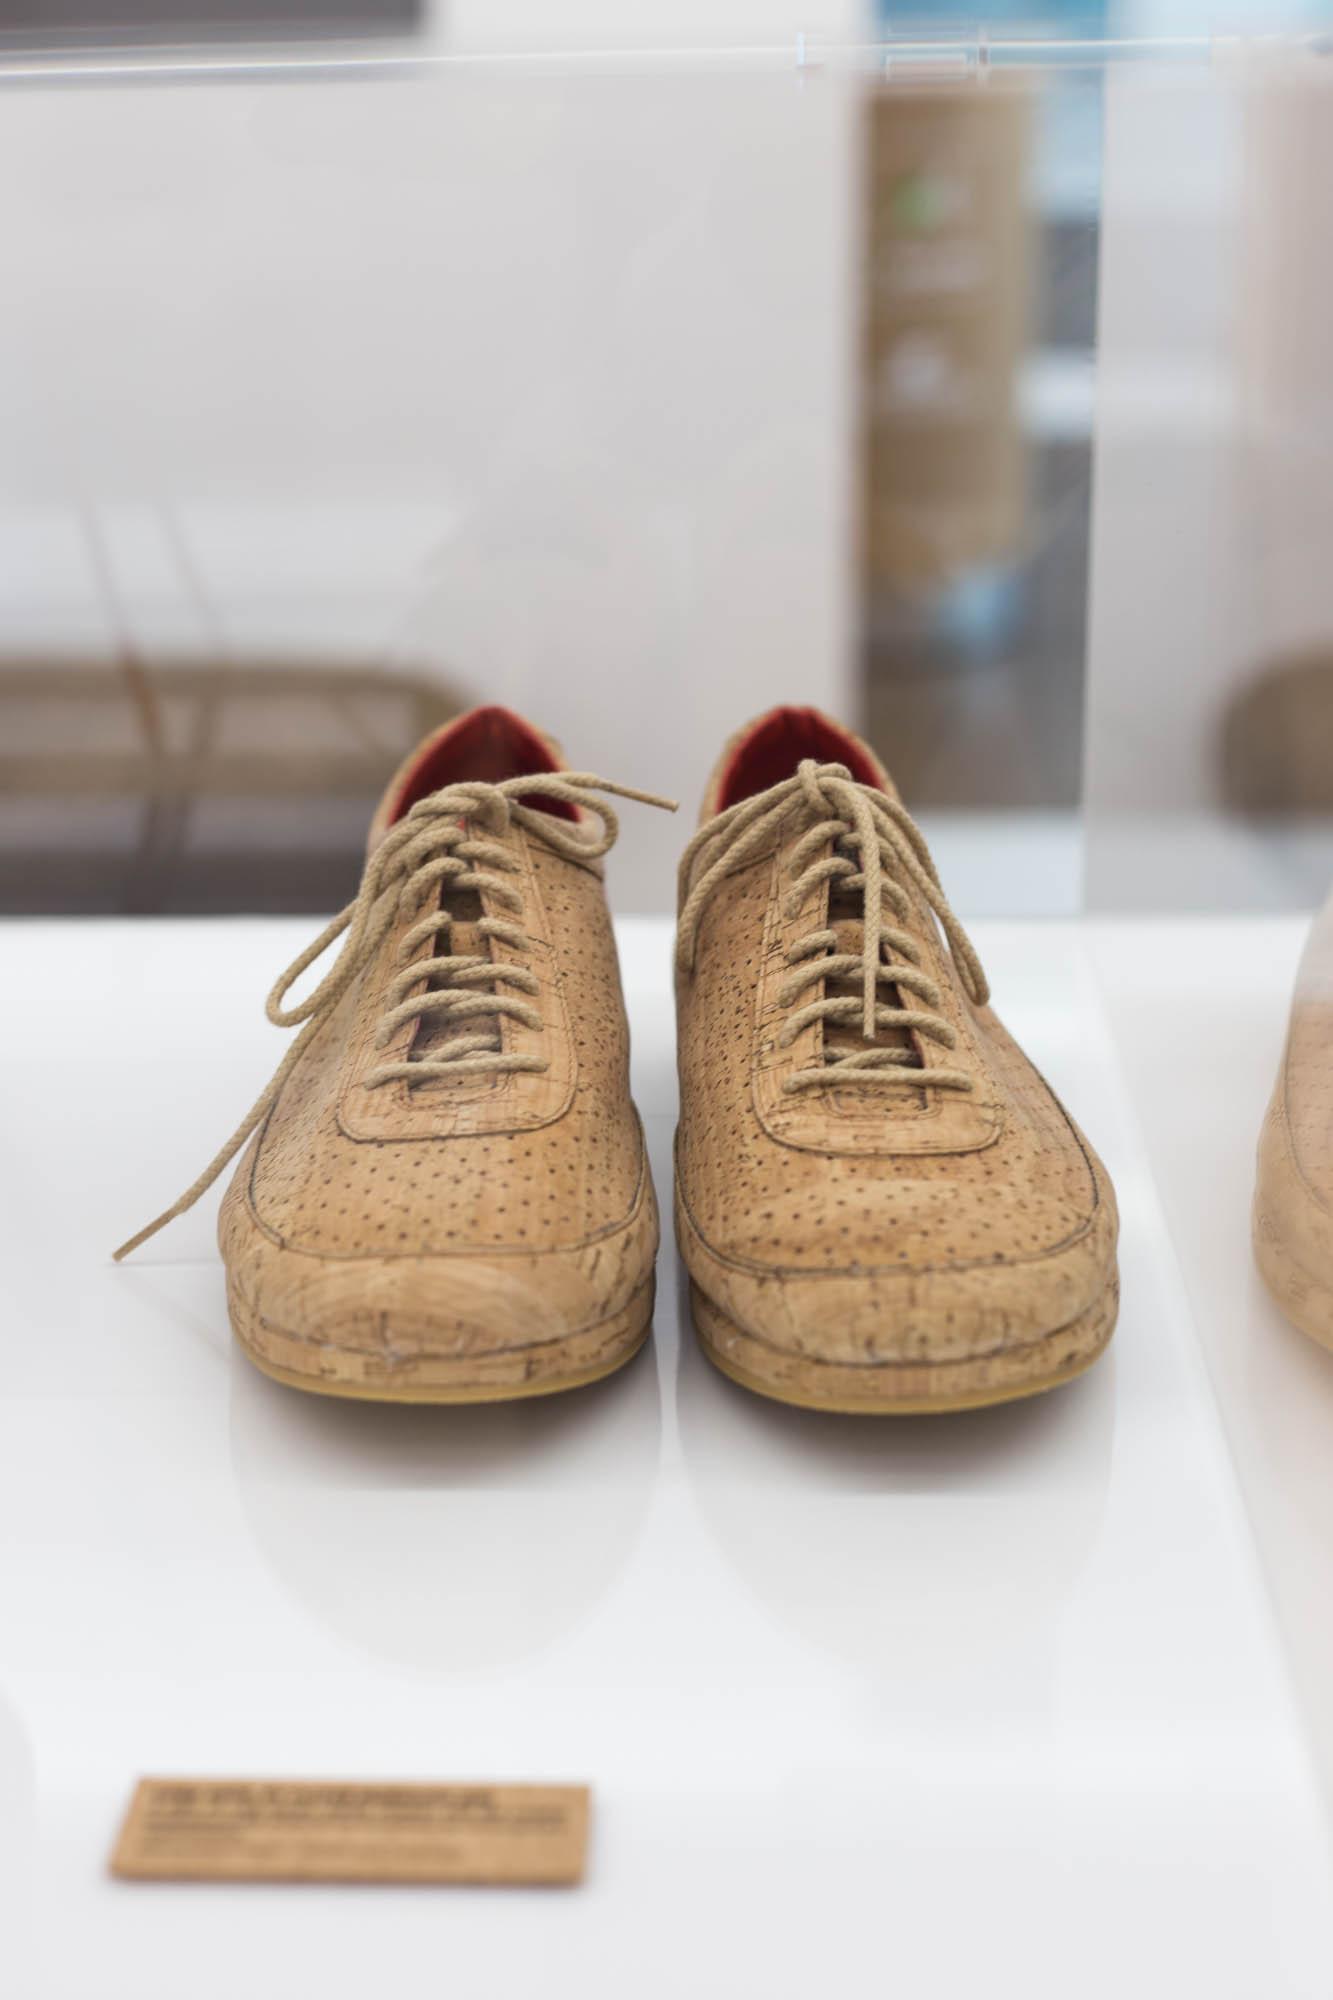 Cork shoe by Jasper Morrison